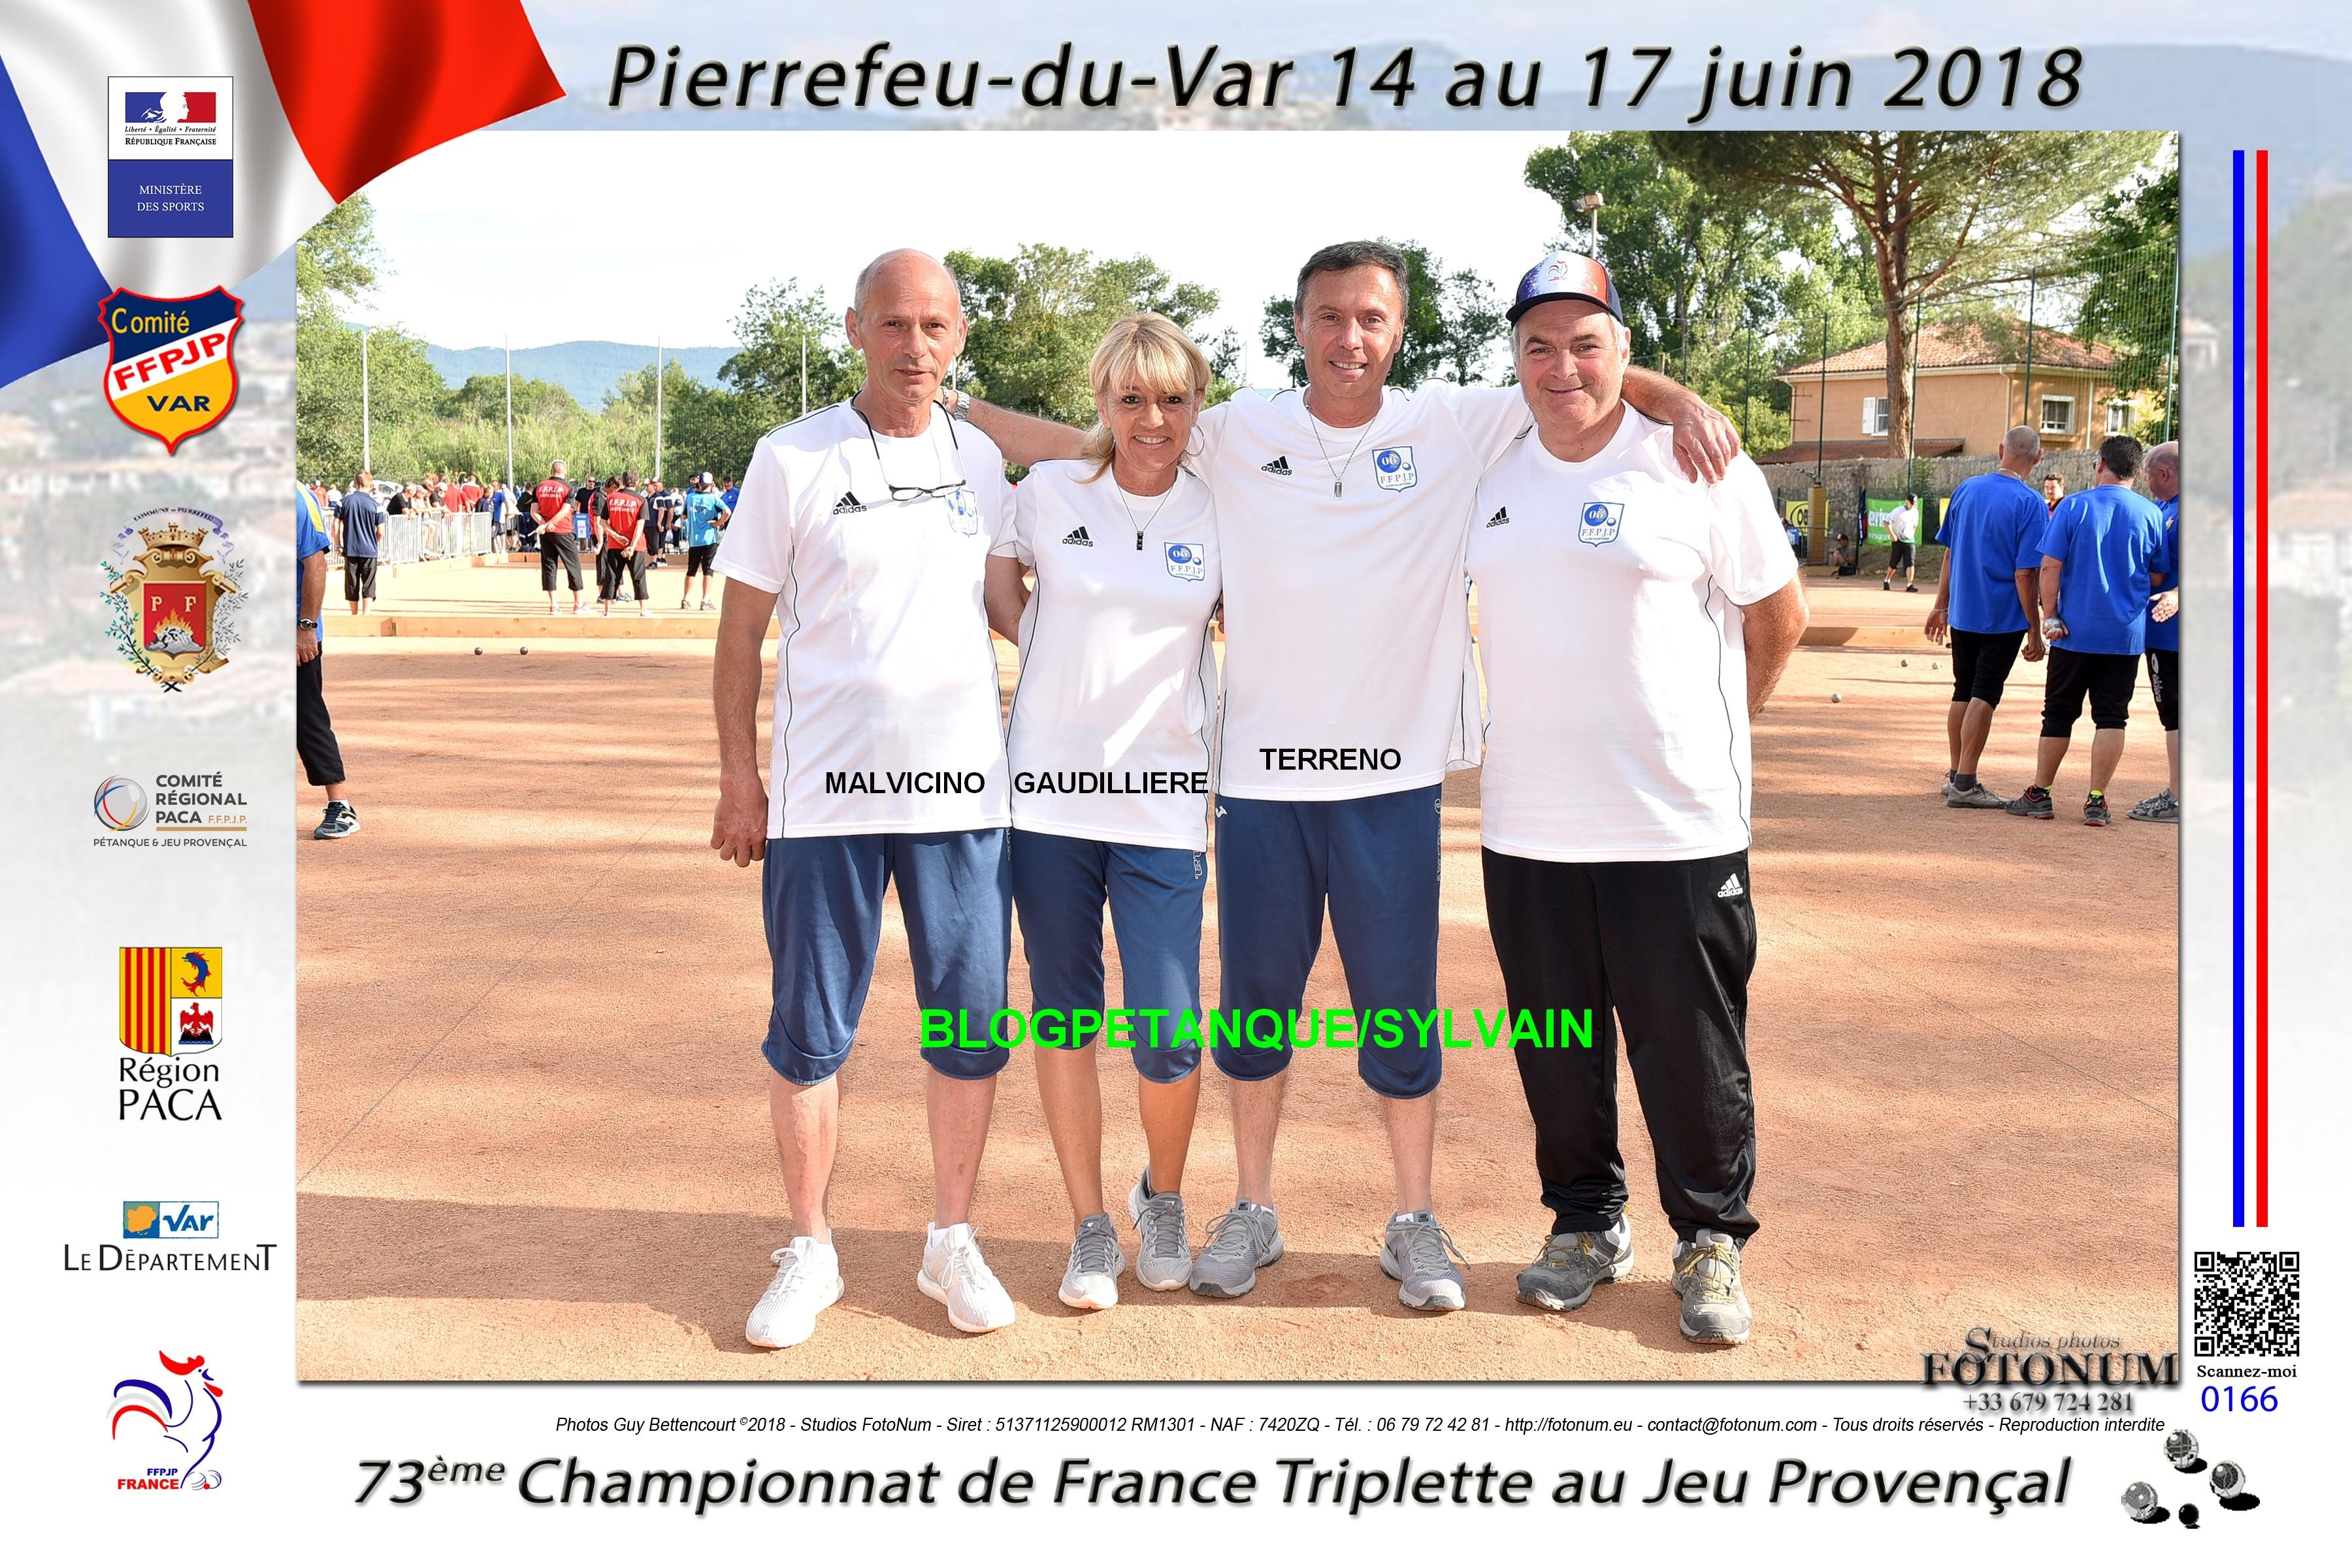 Les 1/2 finalistes triplettes du 06